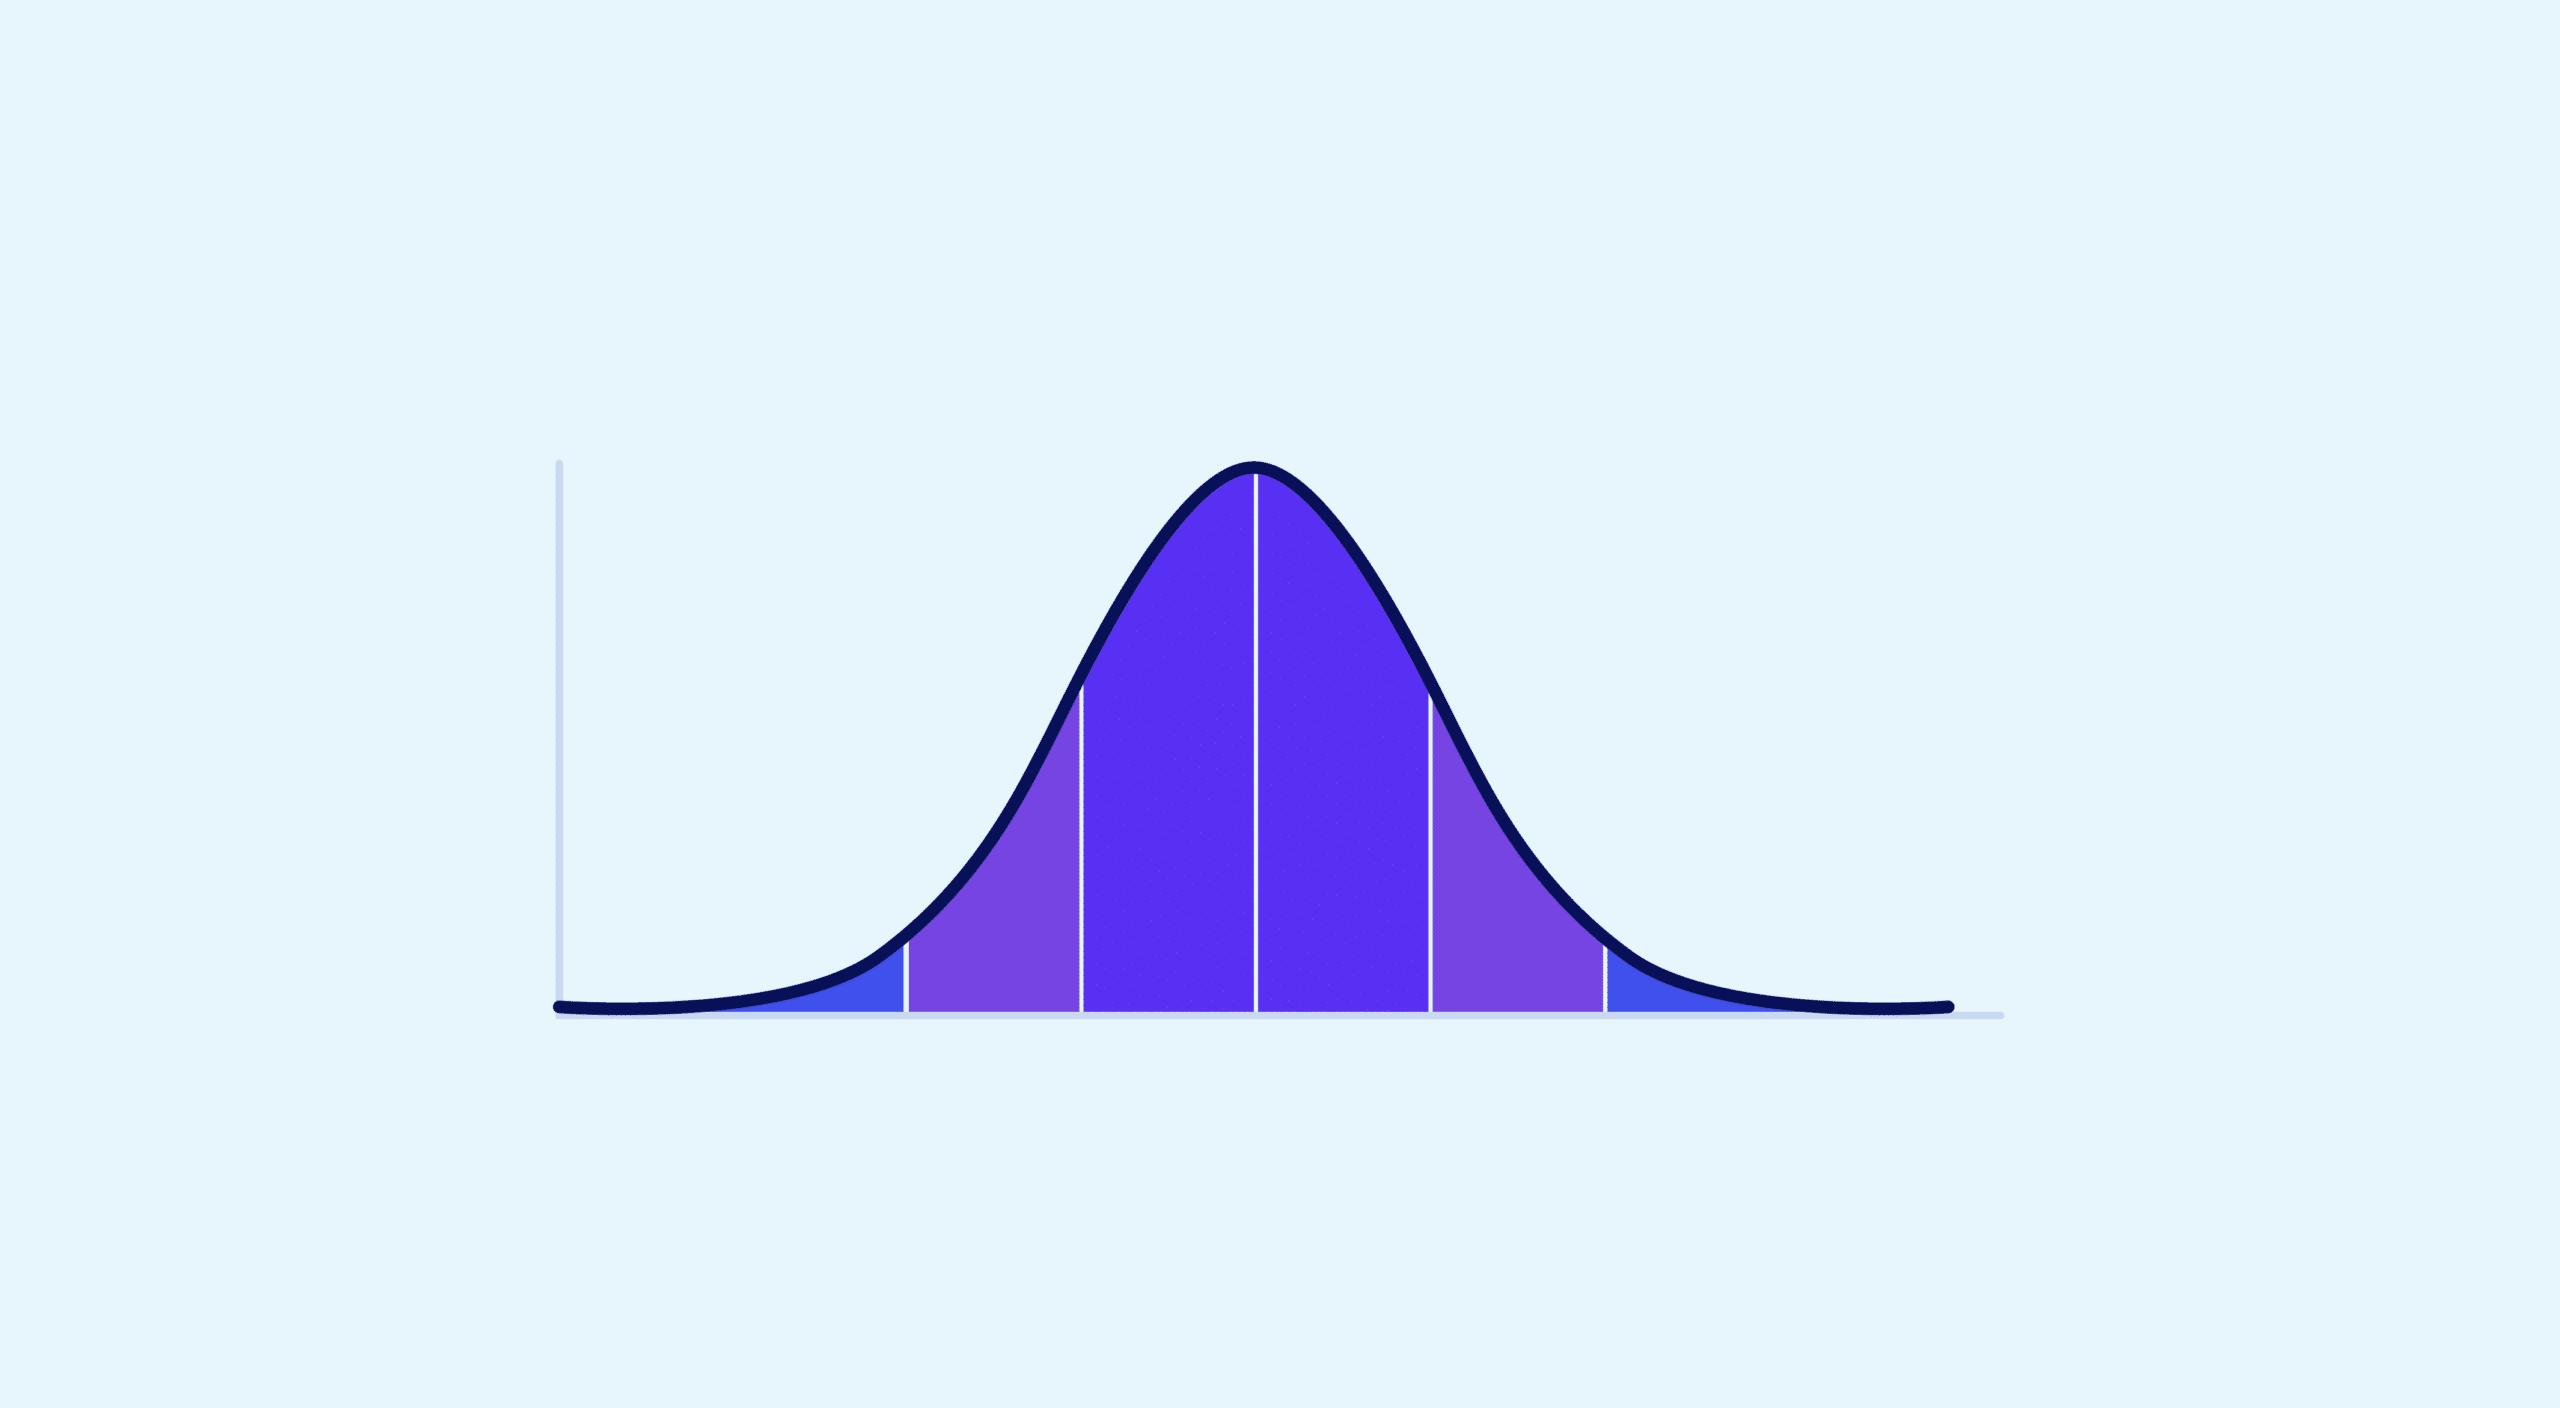 Courbe gaussienne : définition et importance en data science